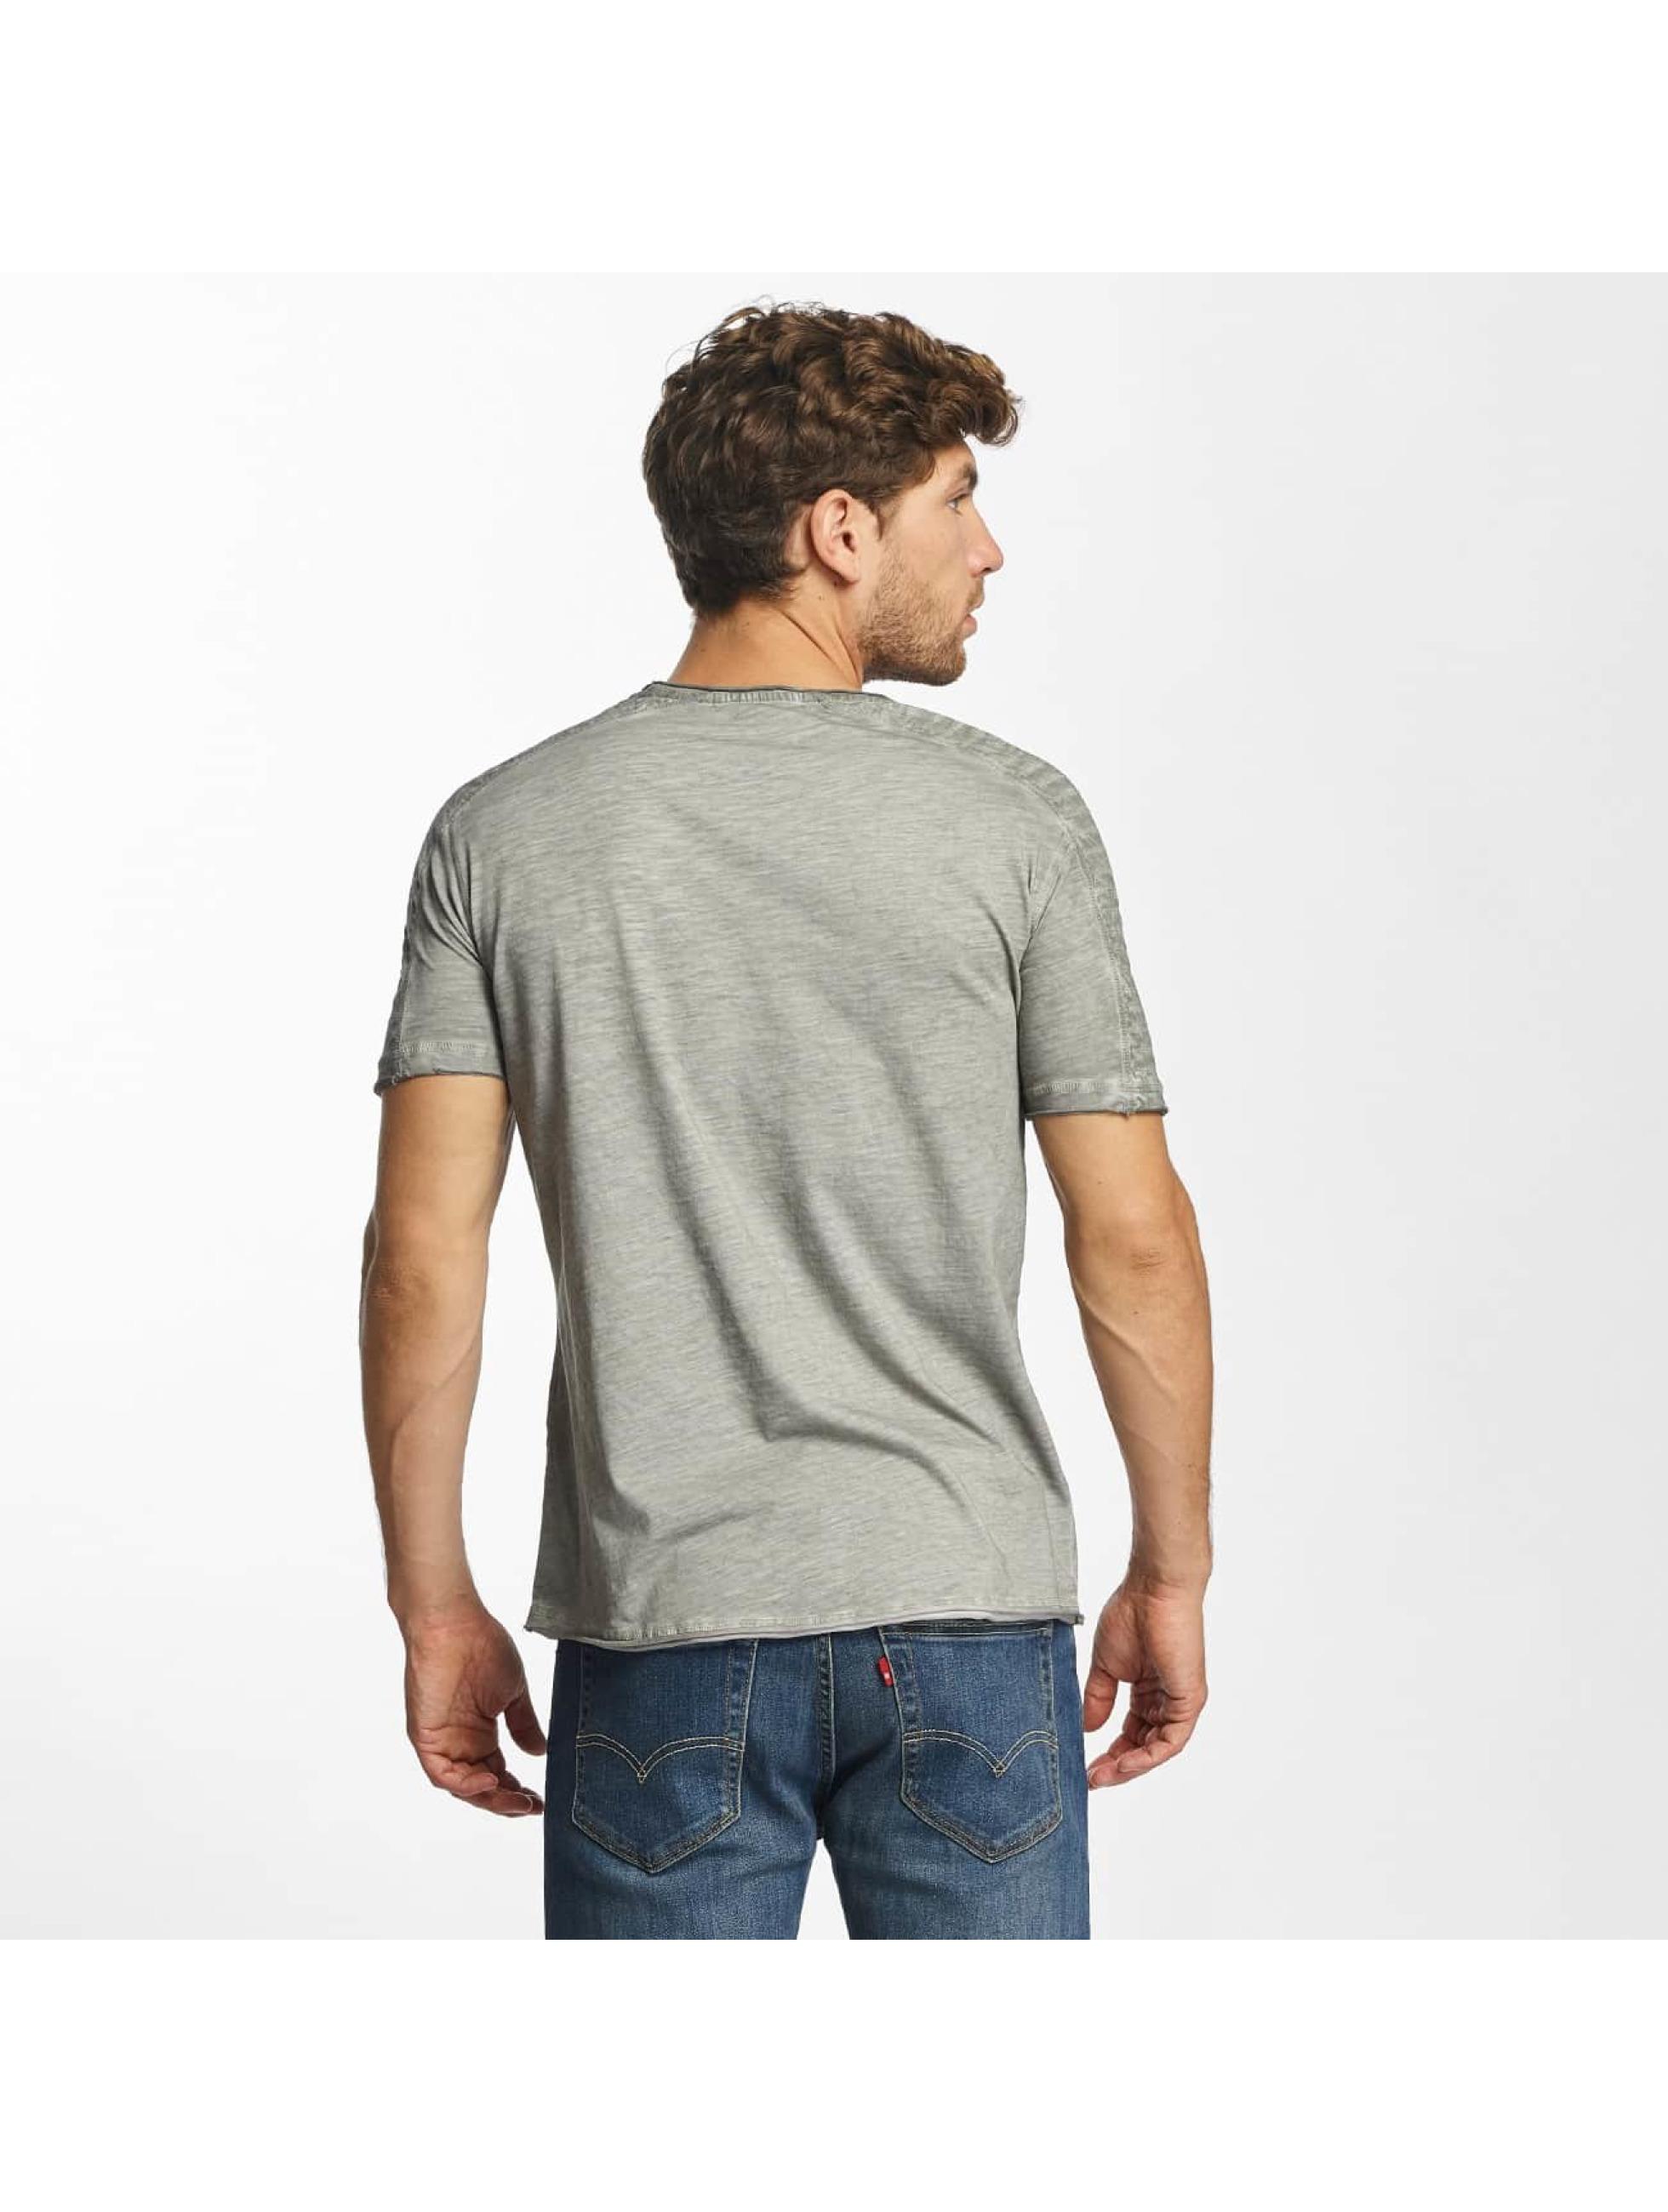 Red Bridge T-Shirt Vintage Seam grau